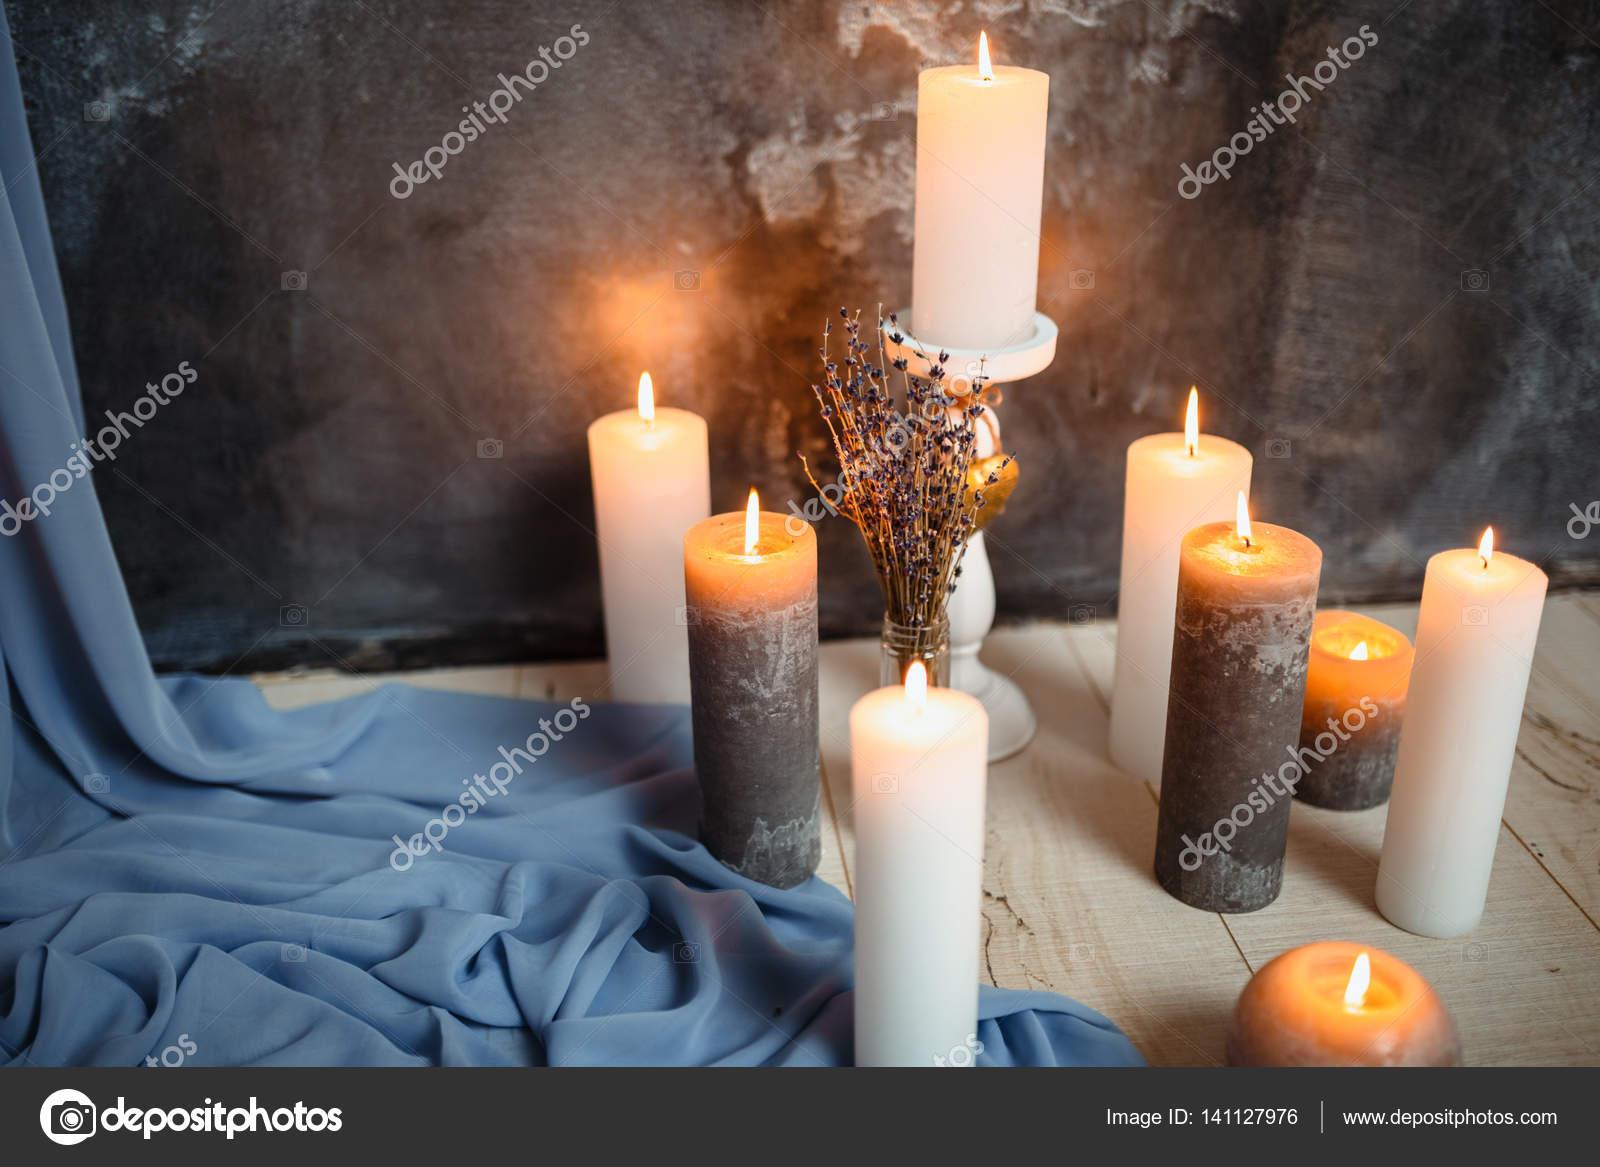 Perfekt Romantische Interieur Zum Valentinstag Mit Kerzen Lichter Brennen Im Zimmer  U2014 Stockfoto